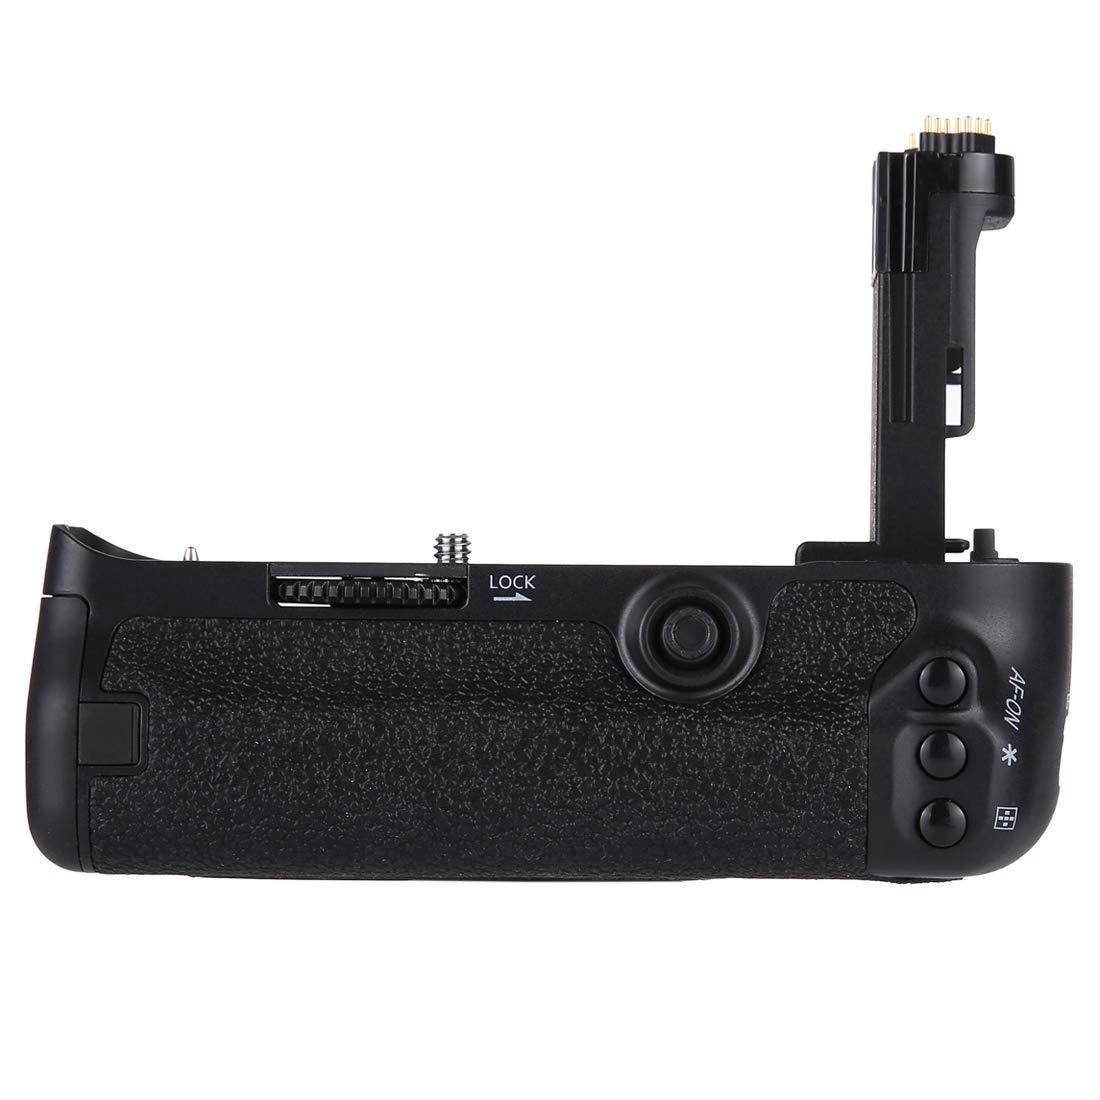 カメラ用 Canon EOS 5D Mark III / 5DS / 5DSRデジタル一眼レフカメラ用縦型カメラバッテリーグリップ カメラアクセサリー   B07QG9X1BC